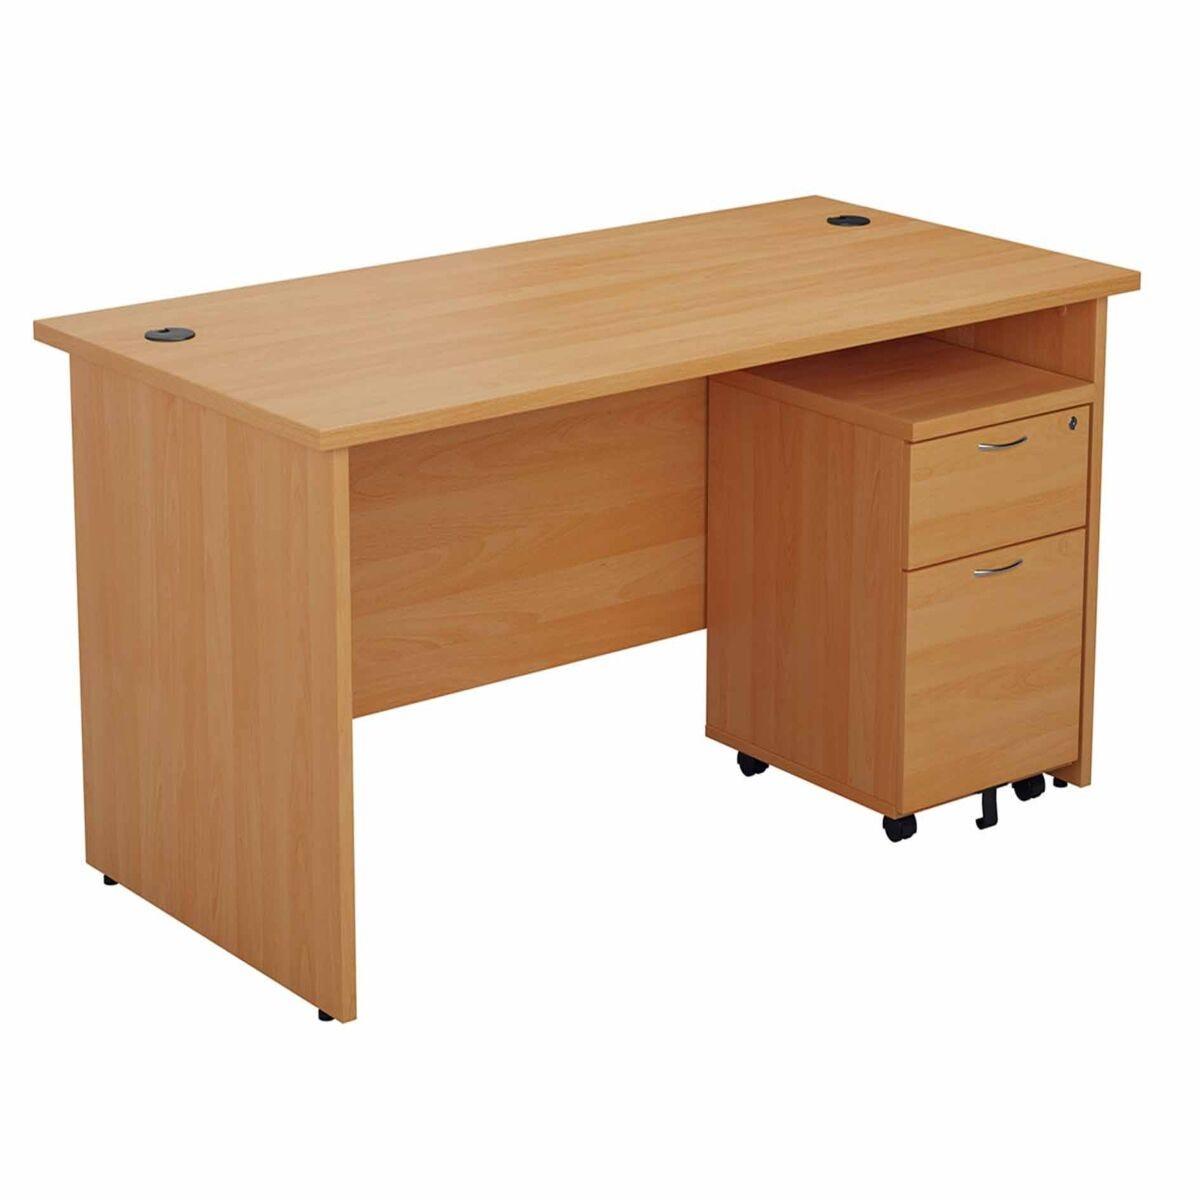 TC Office Panel End Desk and 2 Drawer Mobile Pedestal Bundle 1400 x 800mm